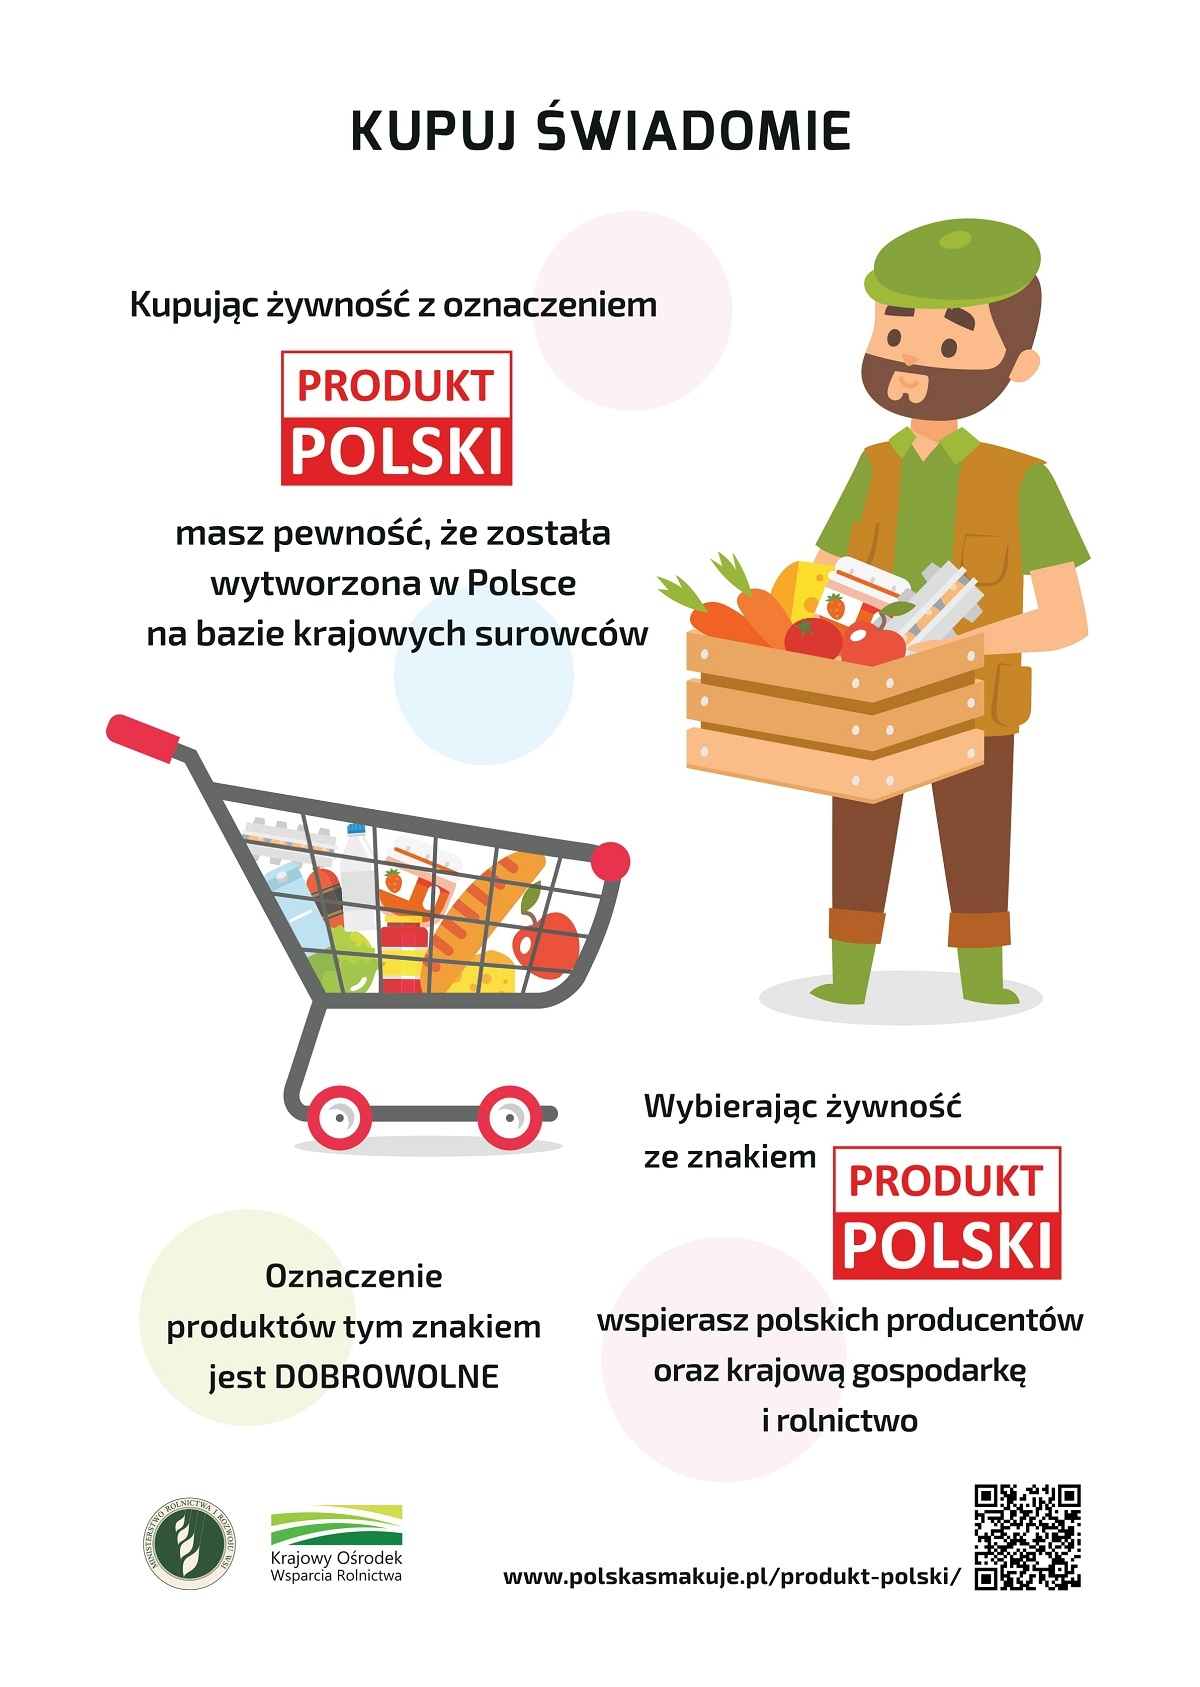 Kupujcie polskie produkty! - Zdjęcie główne